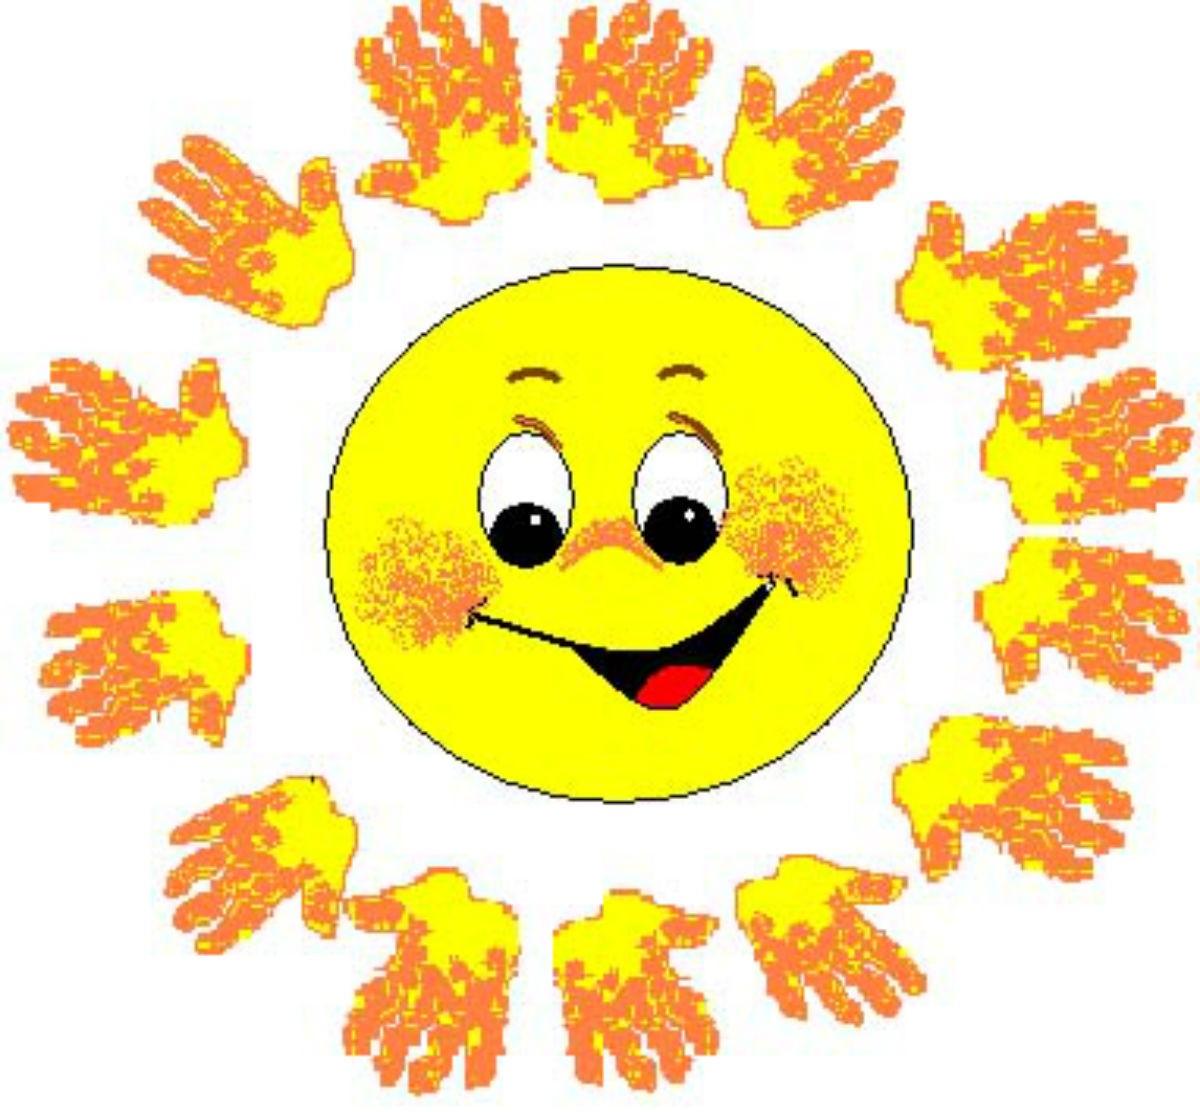 Очень солнечный тест: Выберите солнце и узнайте, о чем говорит ваш выбор